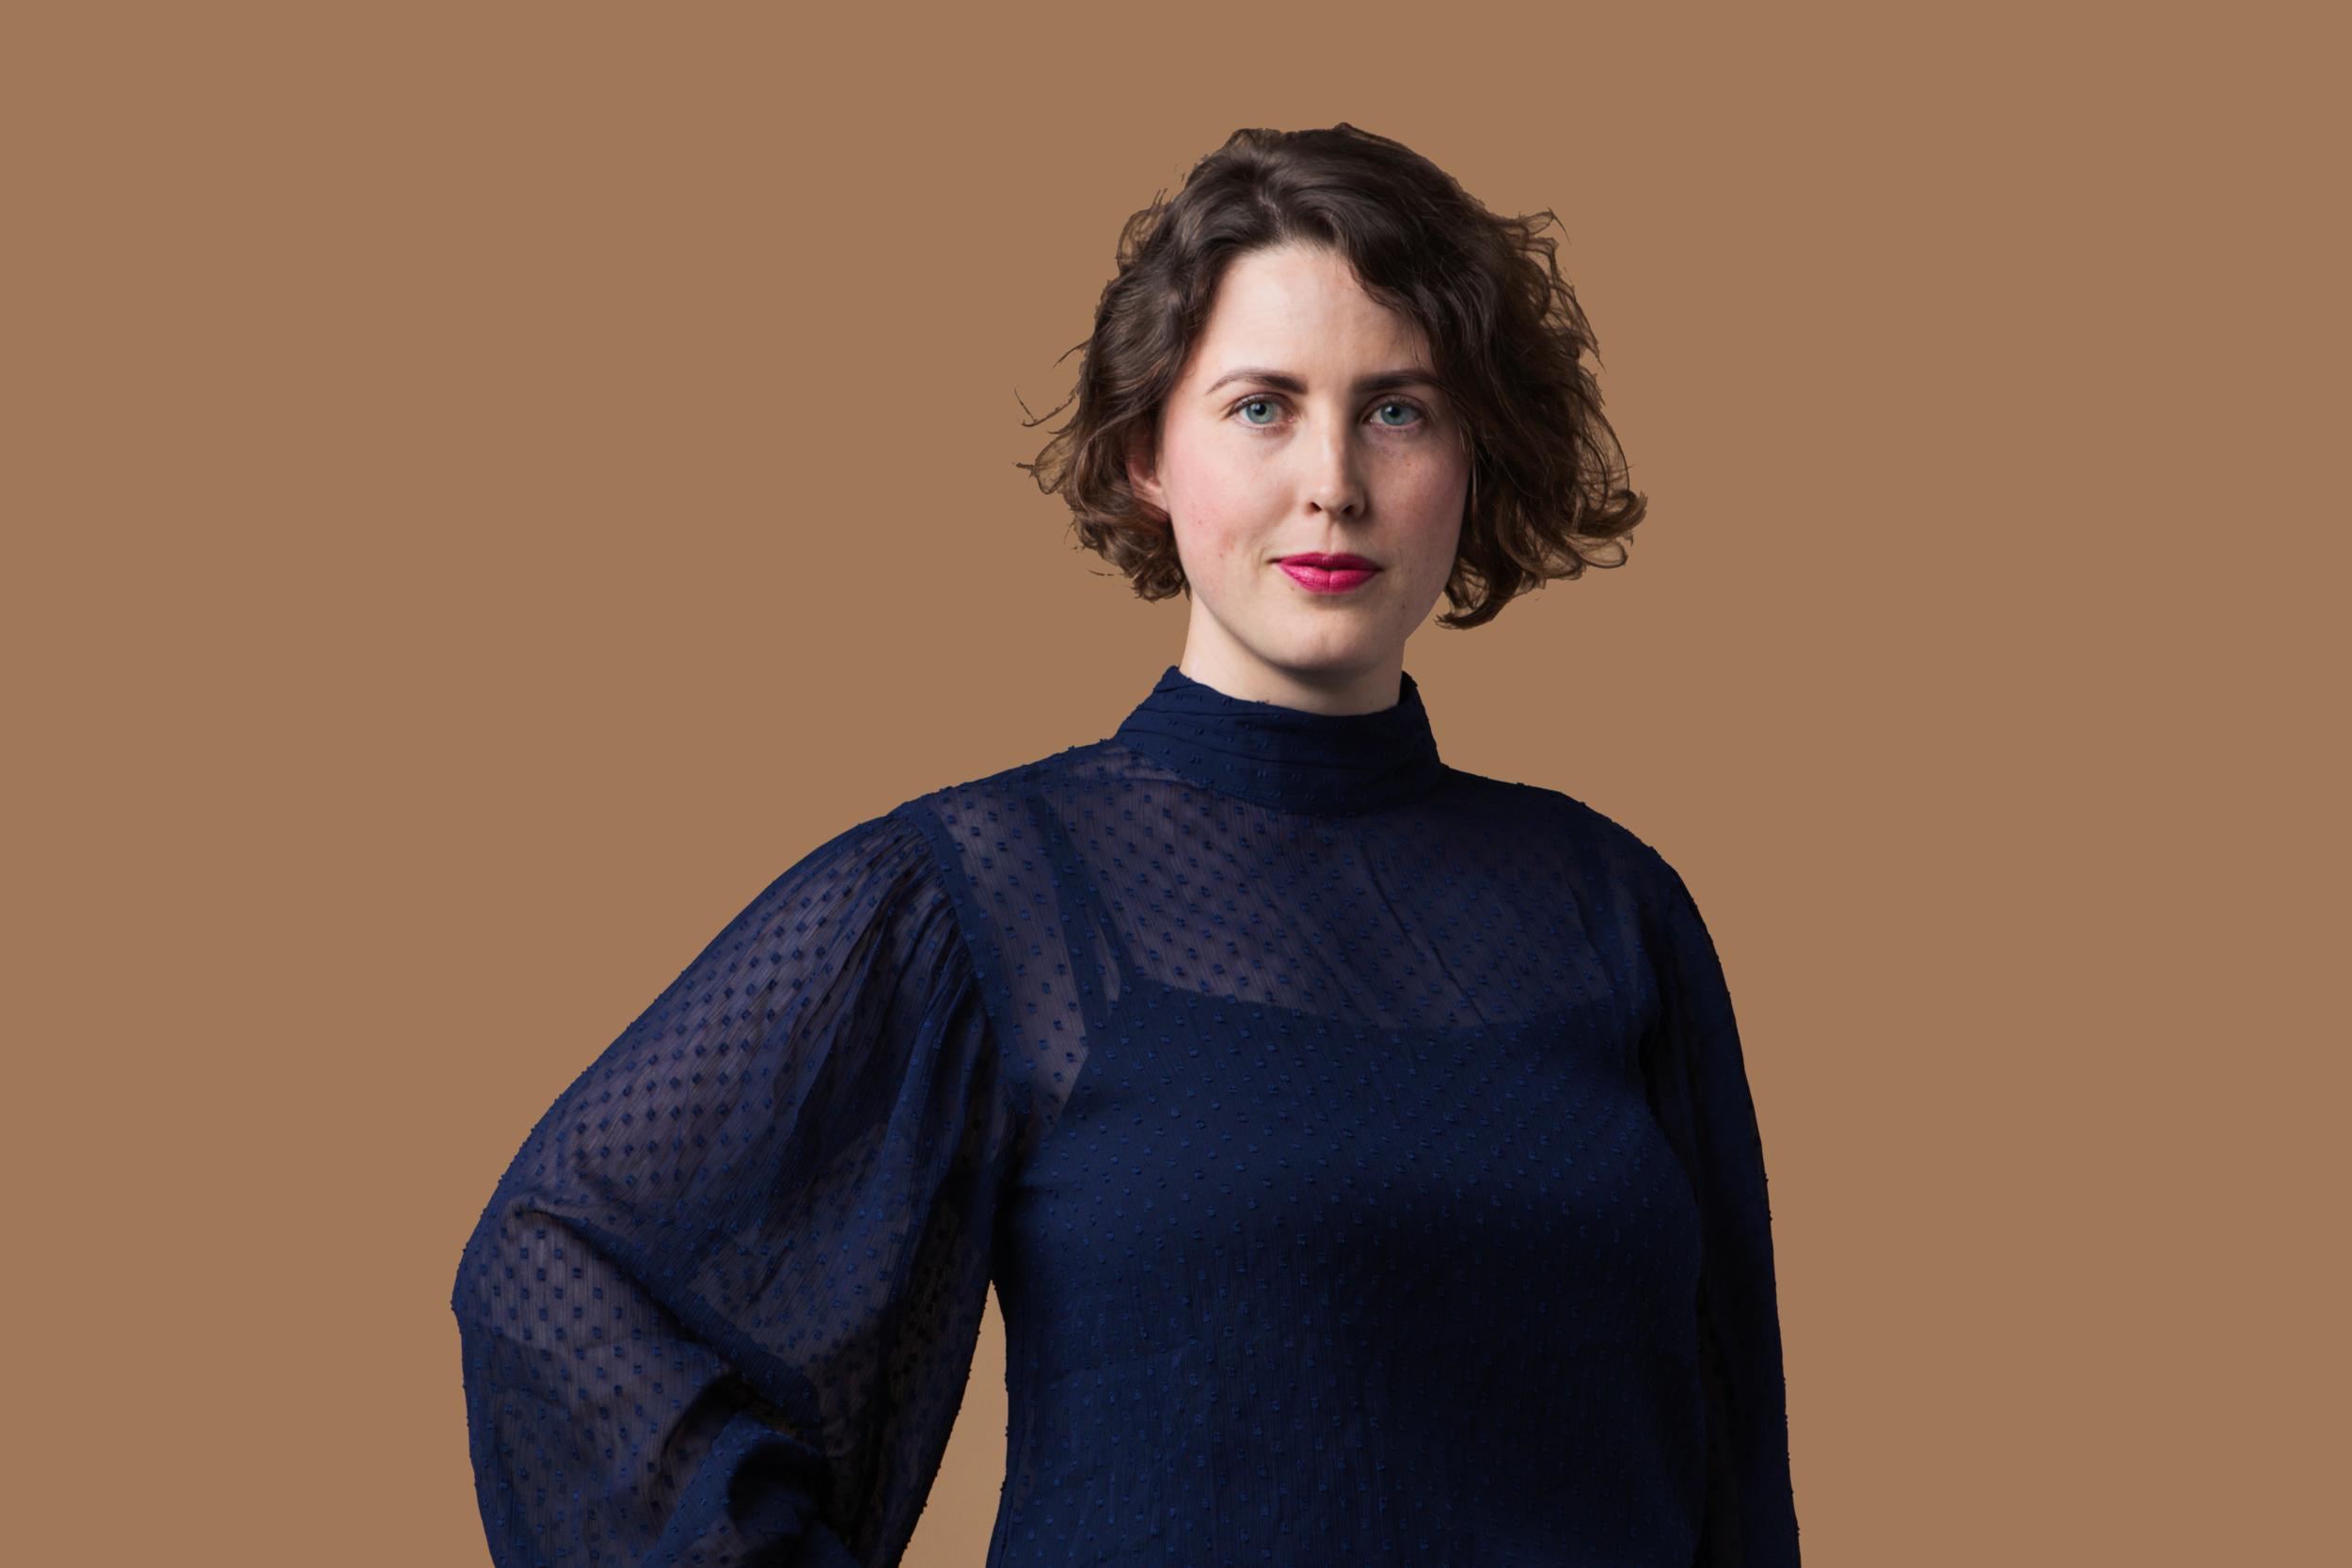 Föreläsare-Mikaela Stenberg.png